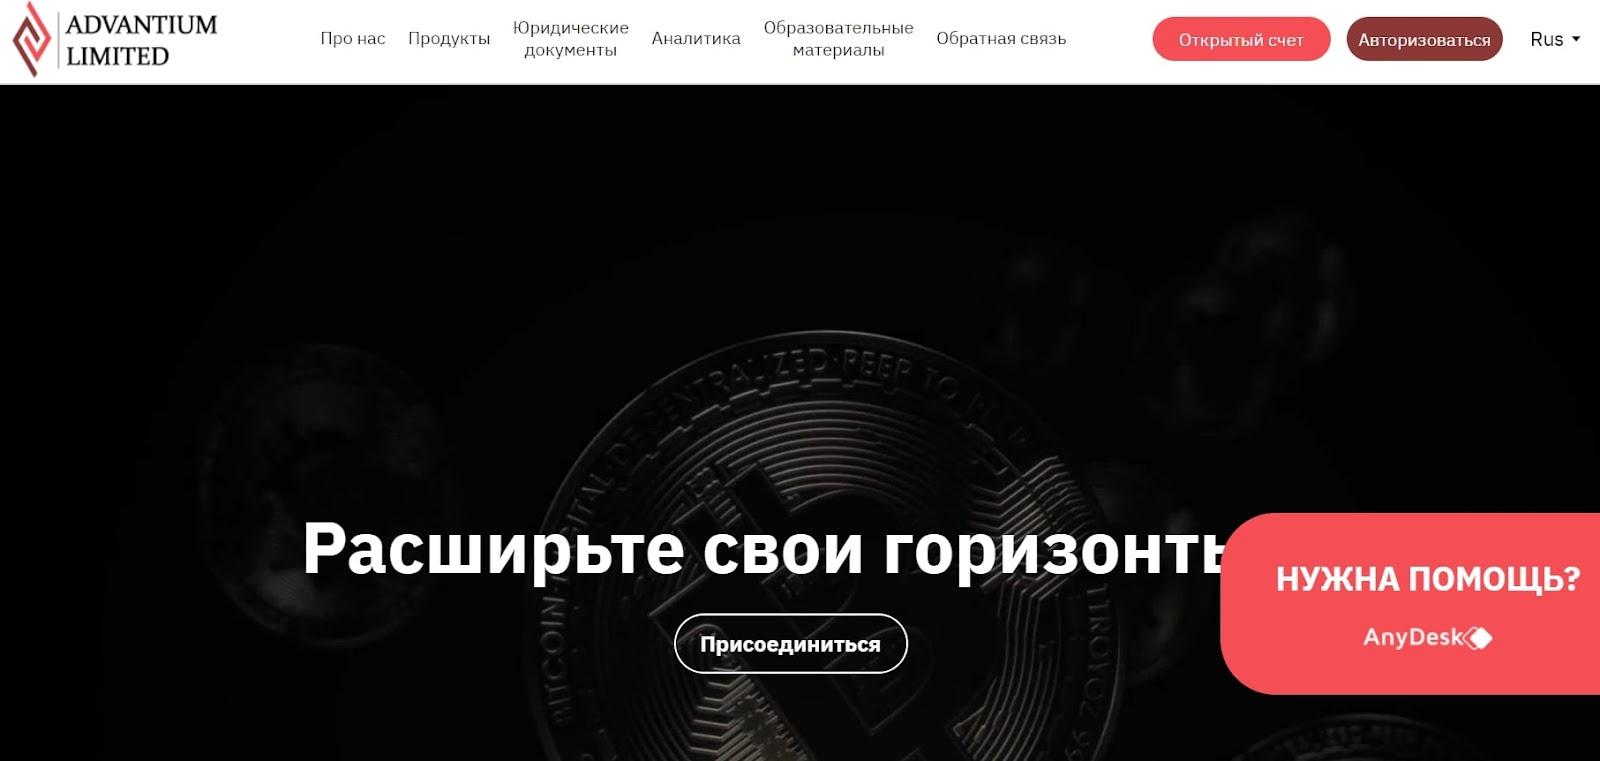 Advantium Limited: отзывы вкладчиков и механизмы работы брокера реальные отзывы